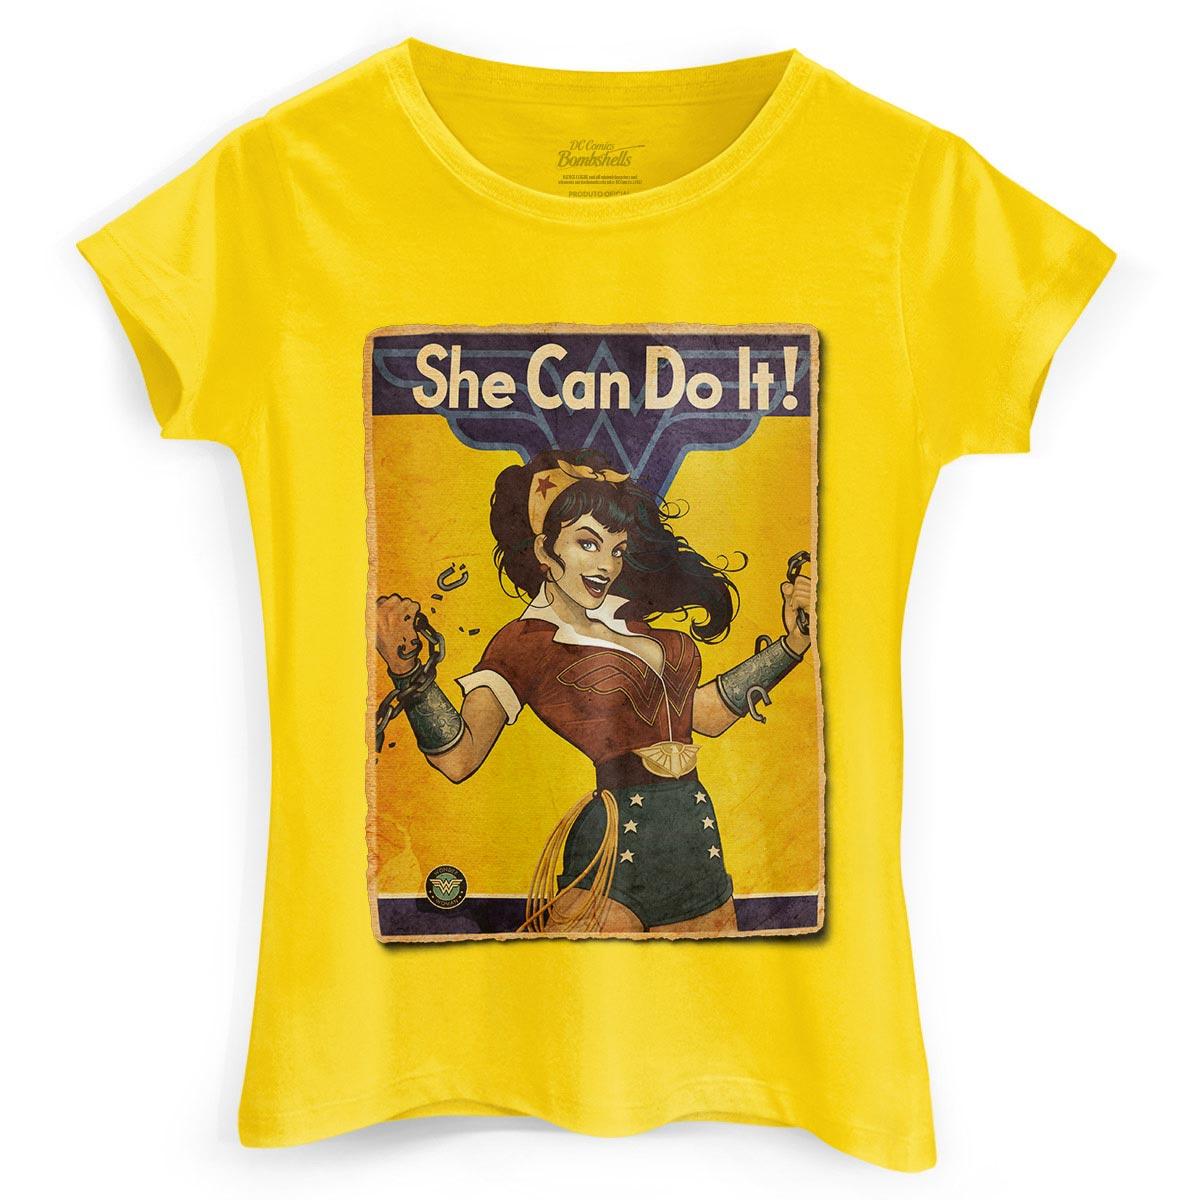 Camiseta Feminina Wonder Woman She Can Do It!  - bandUP Store Marketplace